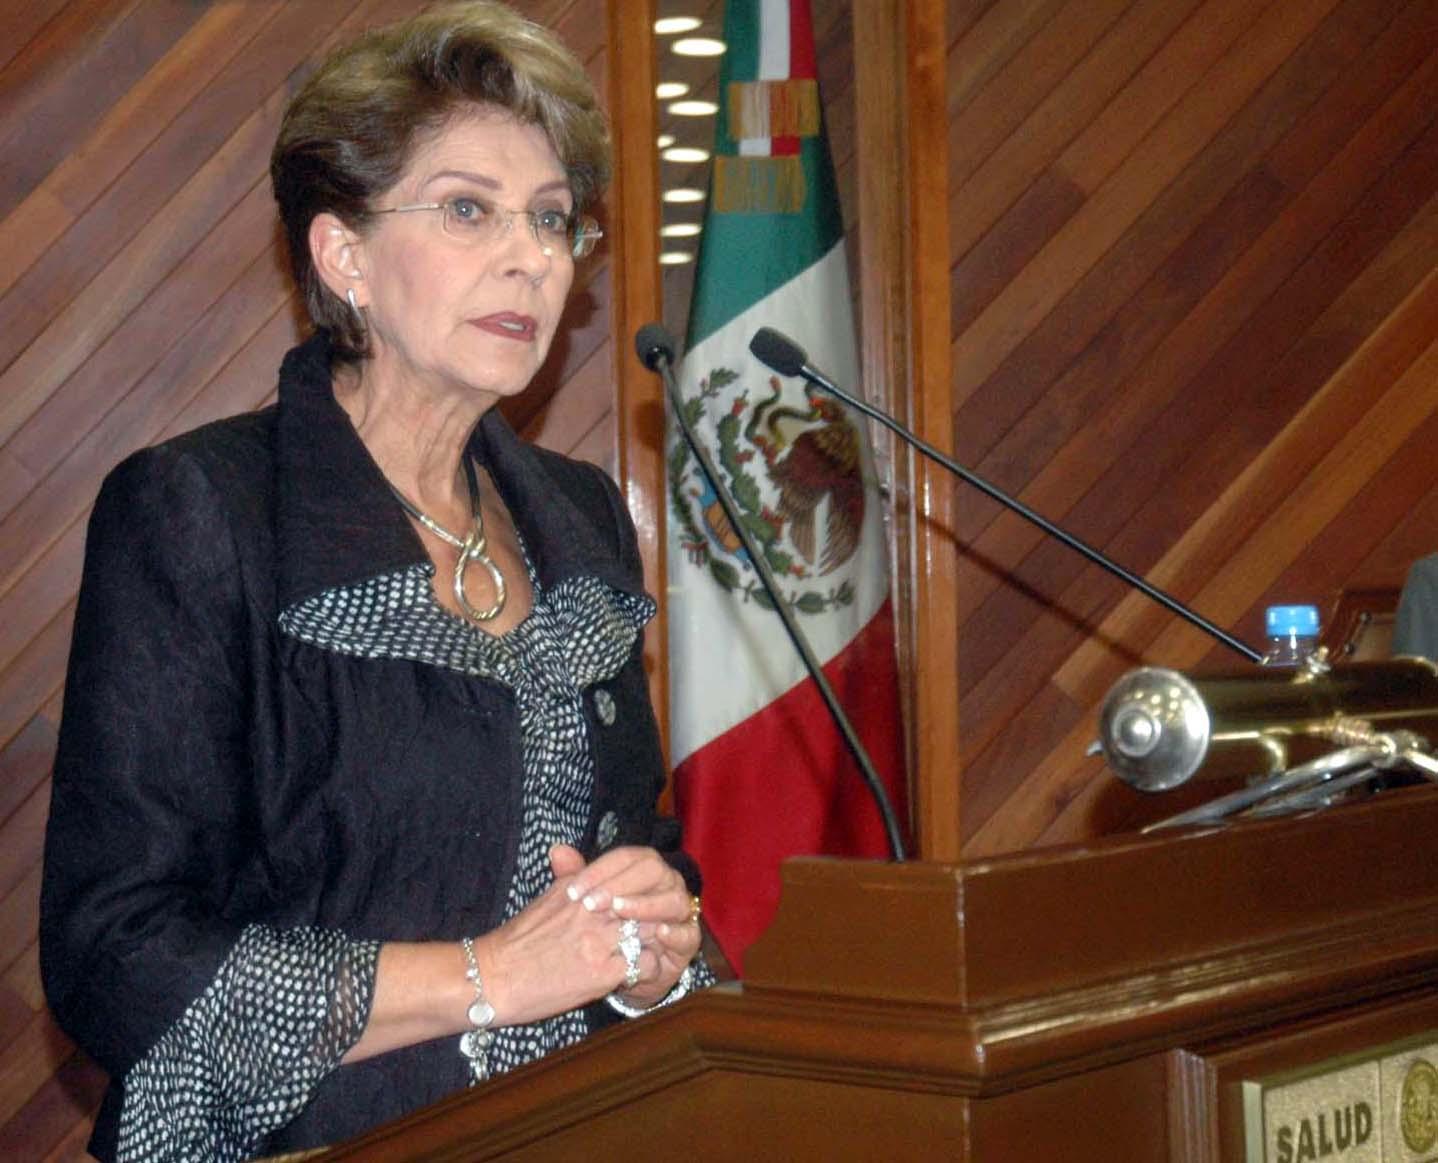 Aplica México terapia exitosa para tratar tuberculosis.